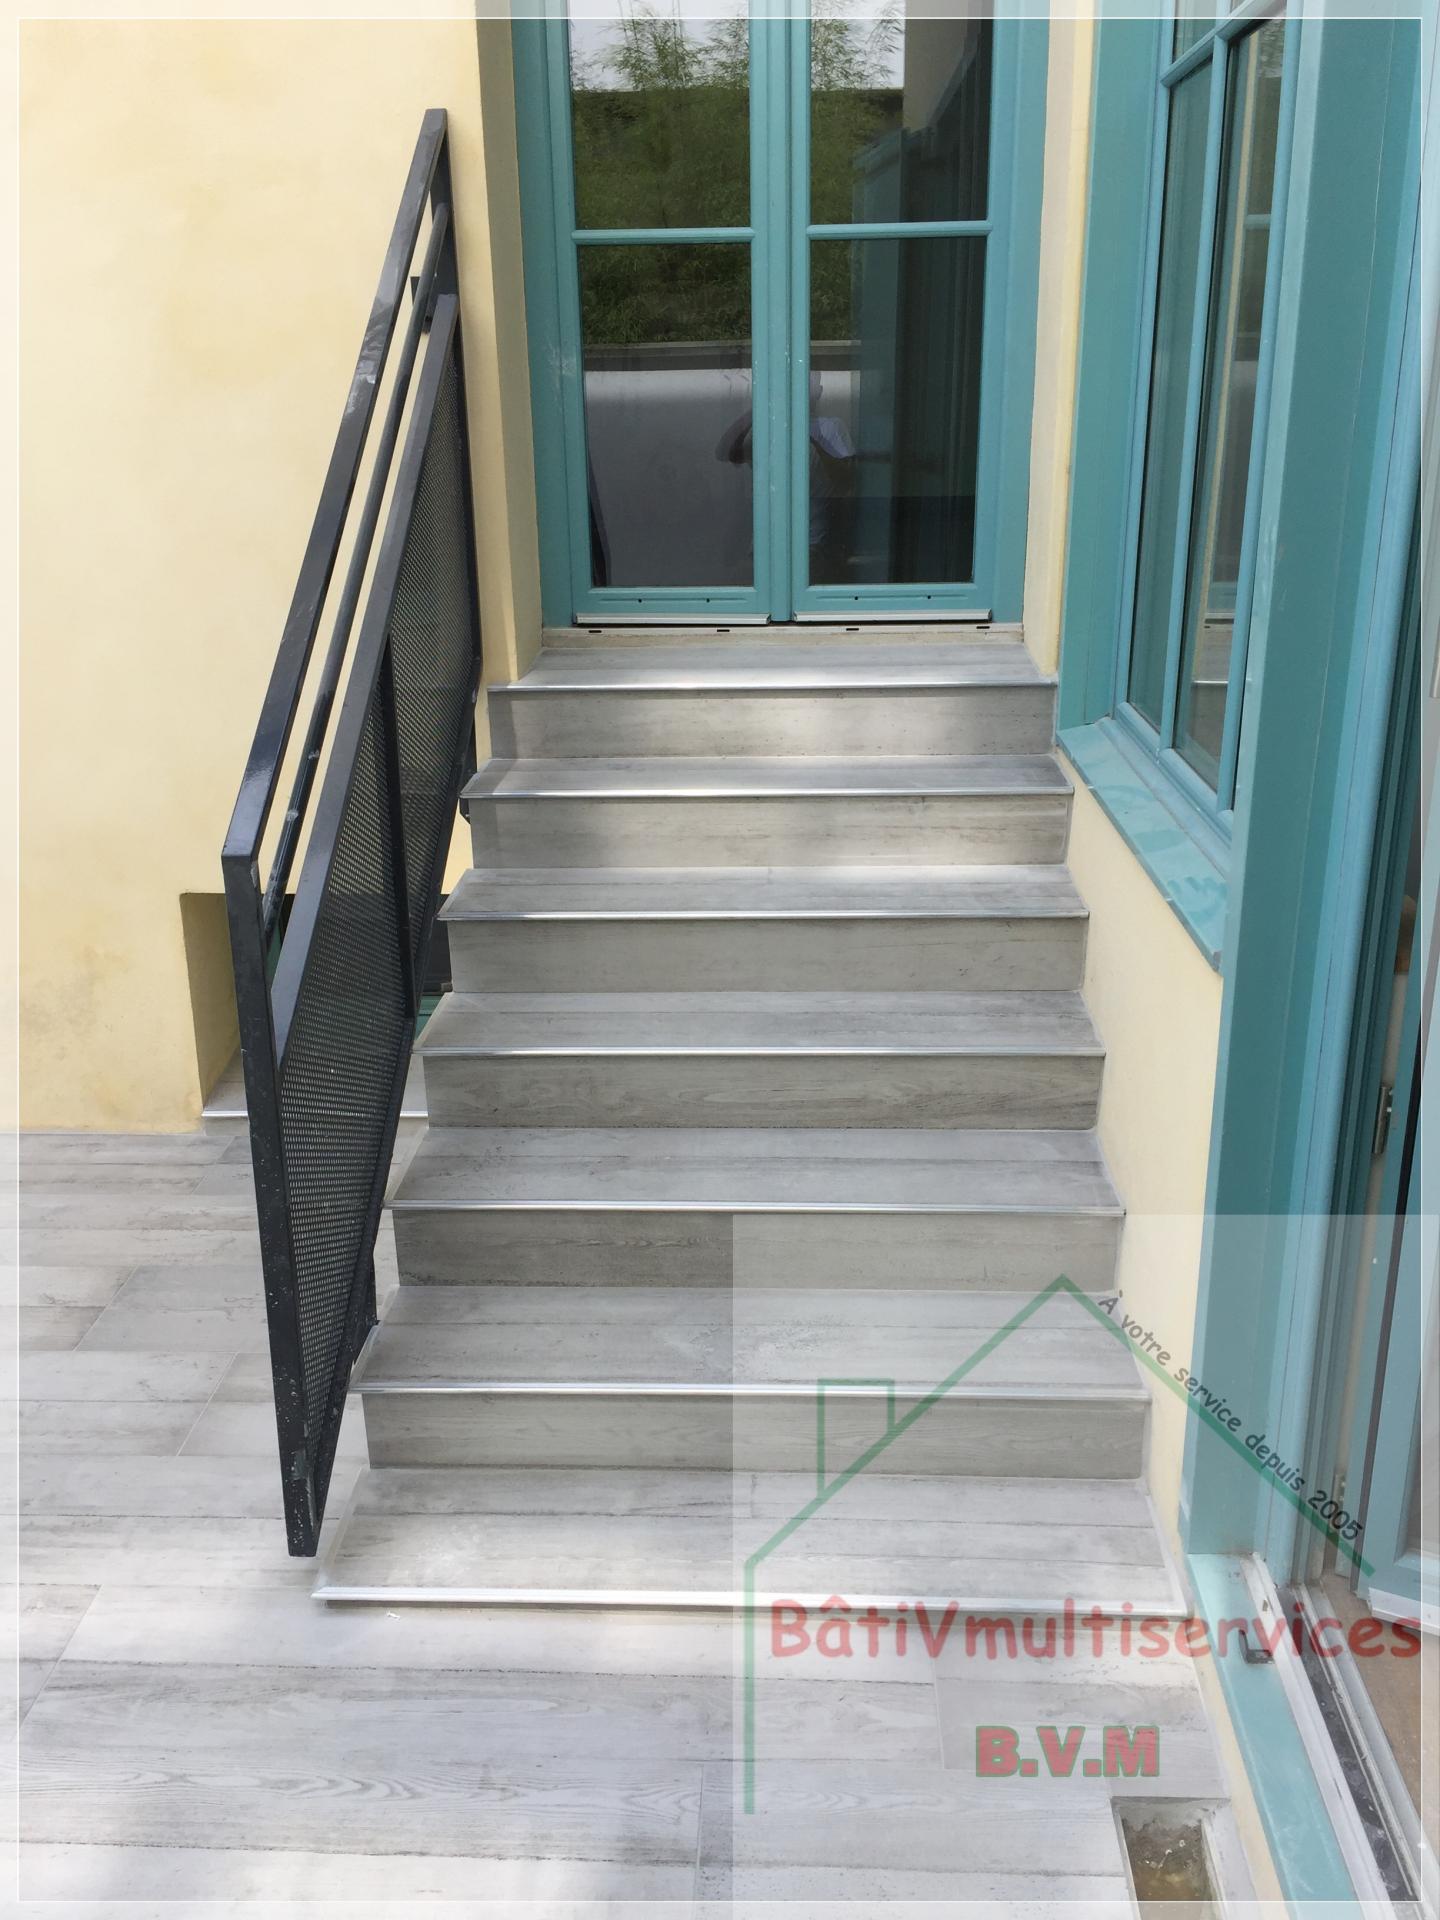 lame parquet escalier sur terrasse